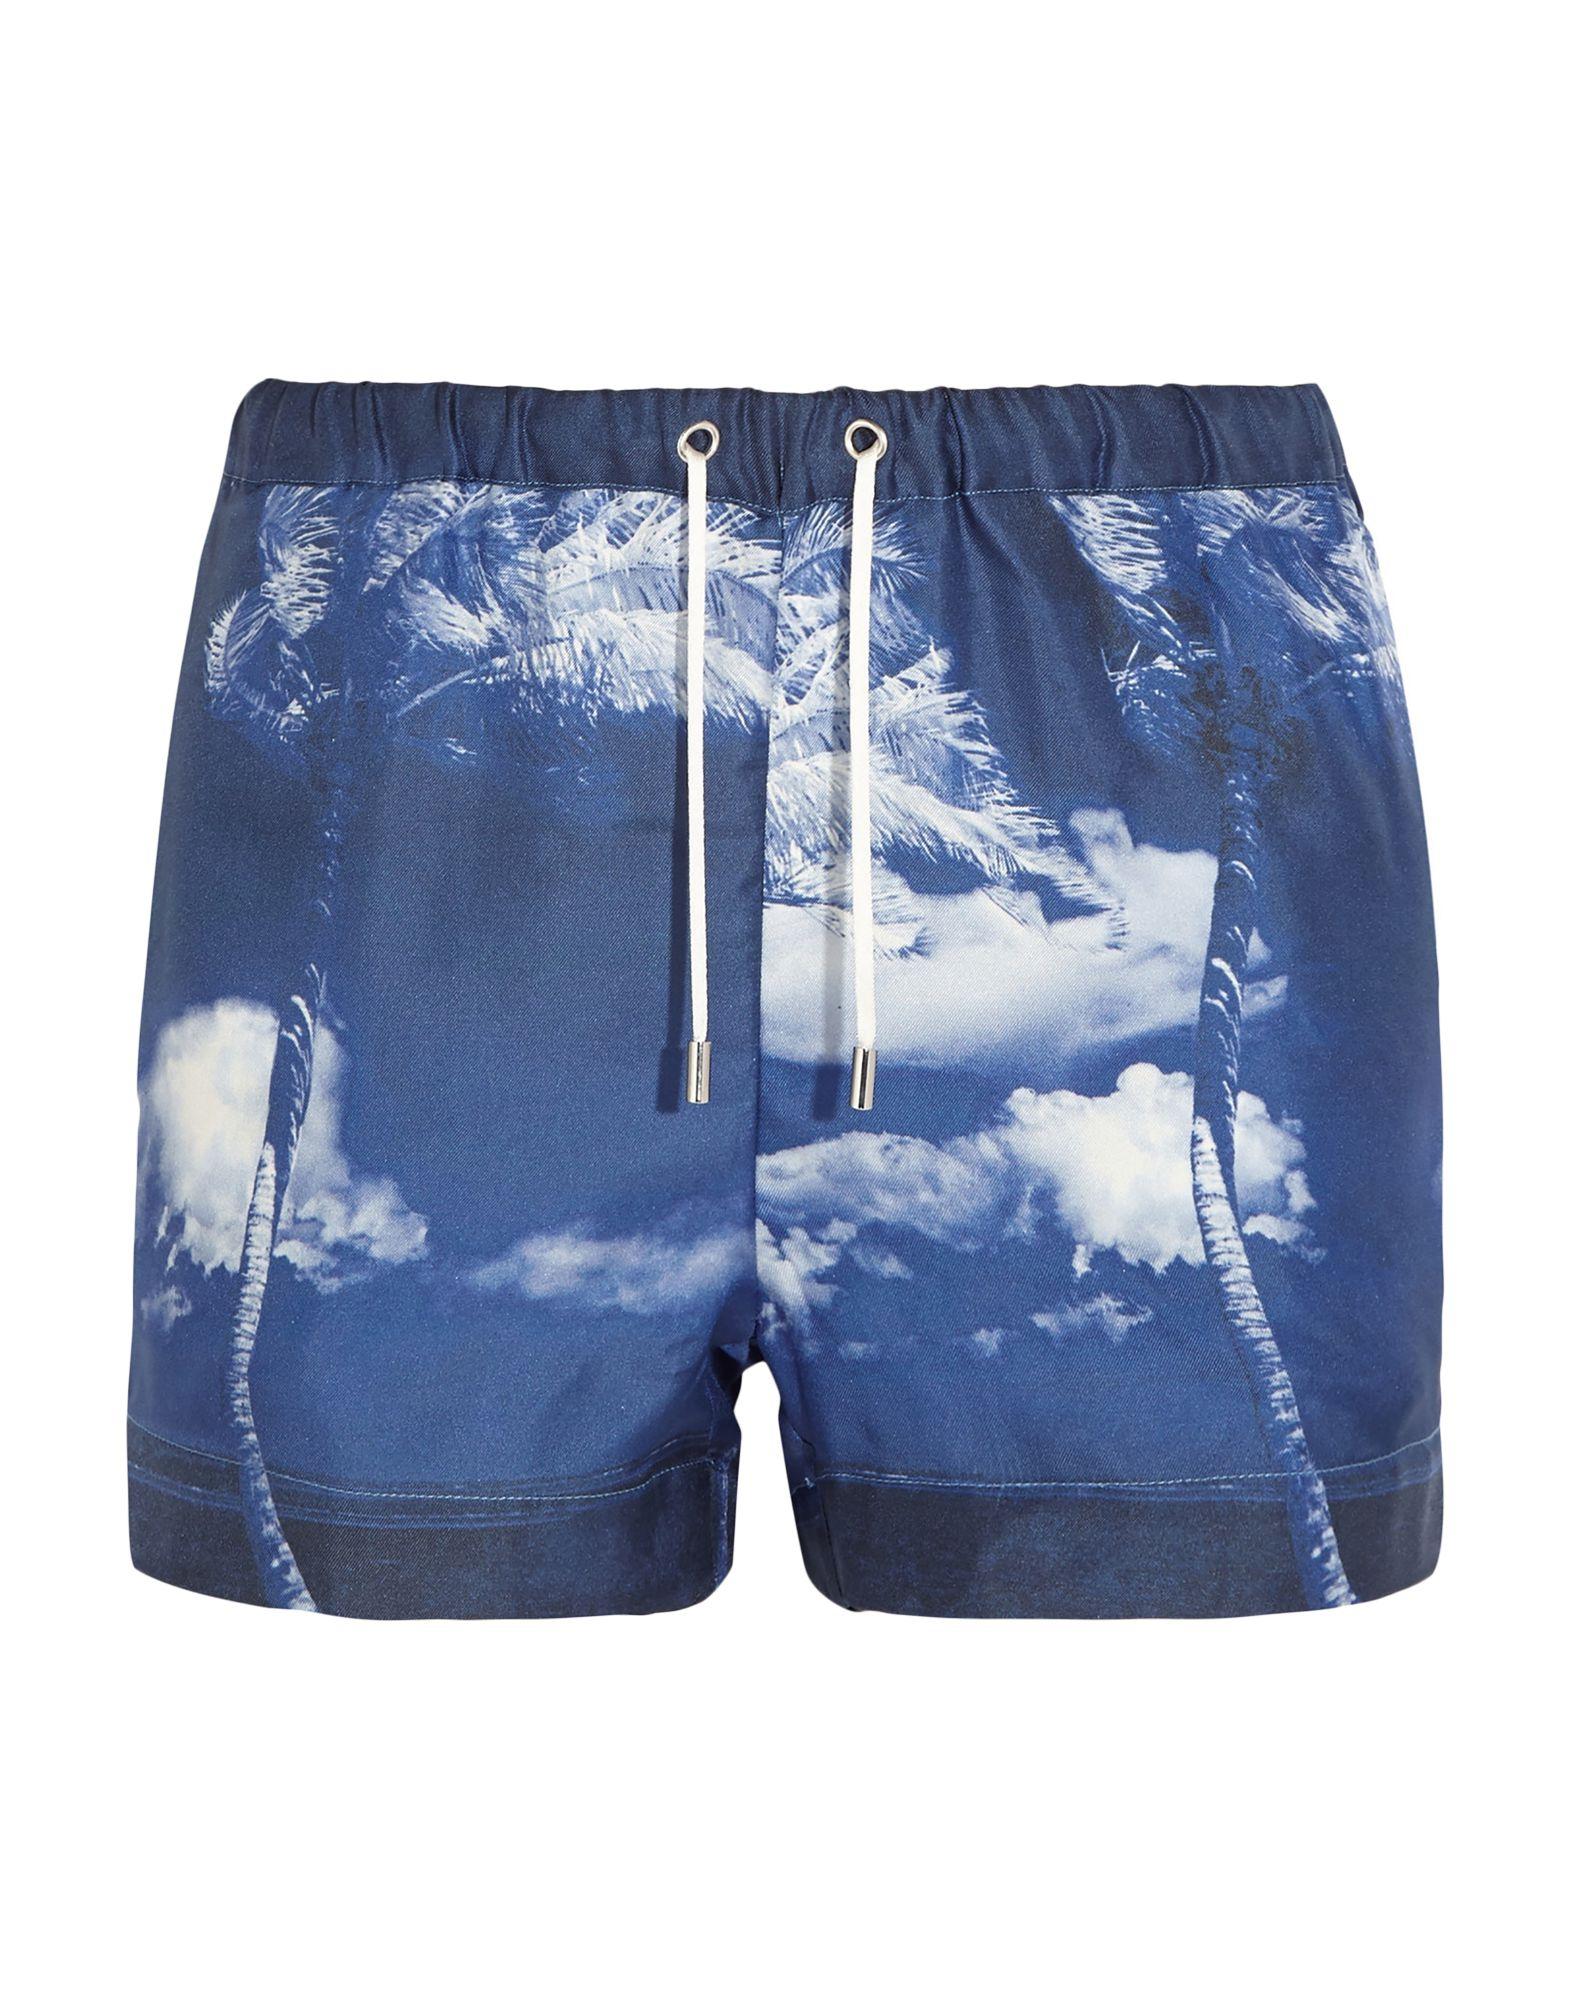 ORLEBAR BROWN Пляжные брюки и шорты шорты пляжные с рисунком